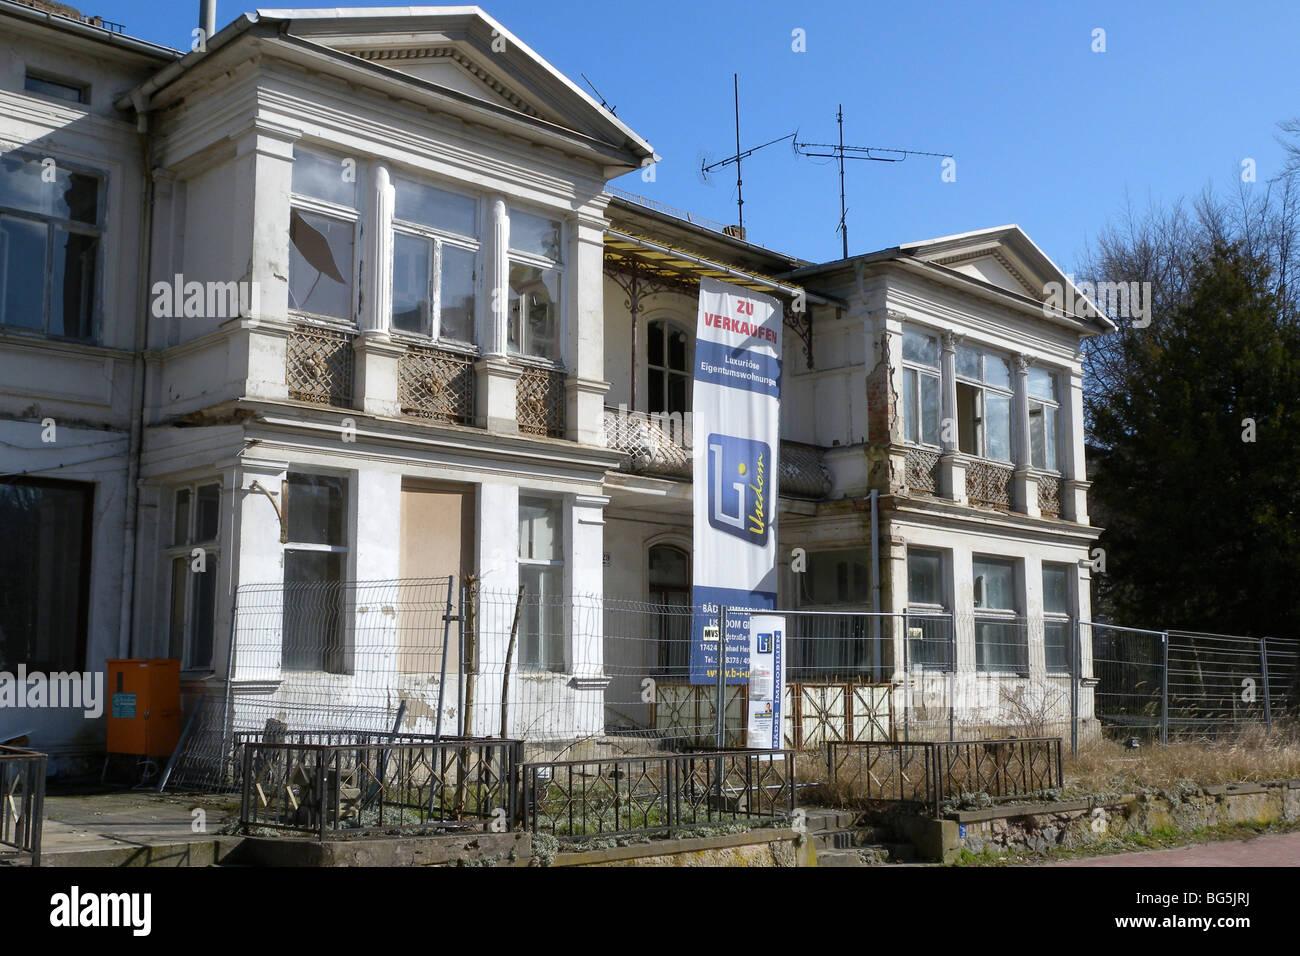 unrenovierte verfallene Villa, Bäderarchitektur, Heringsdorf, Insel Usedom, Mecklenburg-Vorpommern, Deutschland - Stock Image